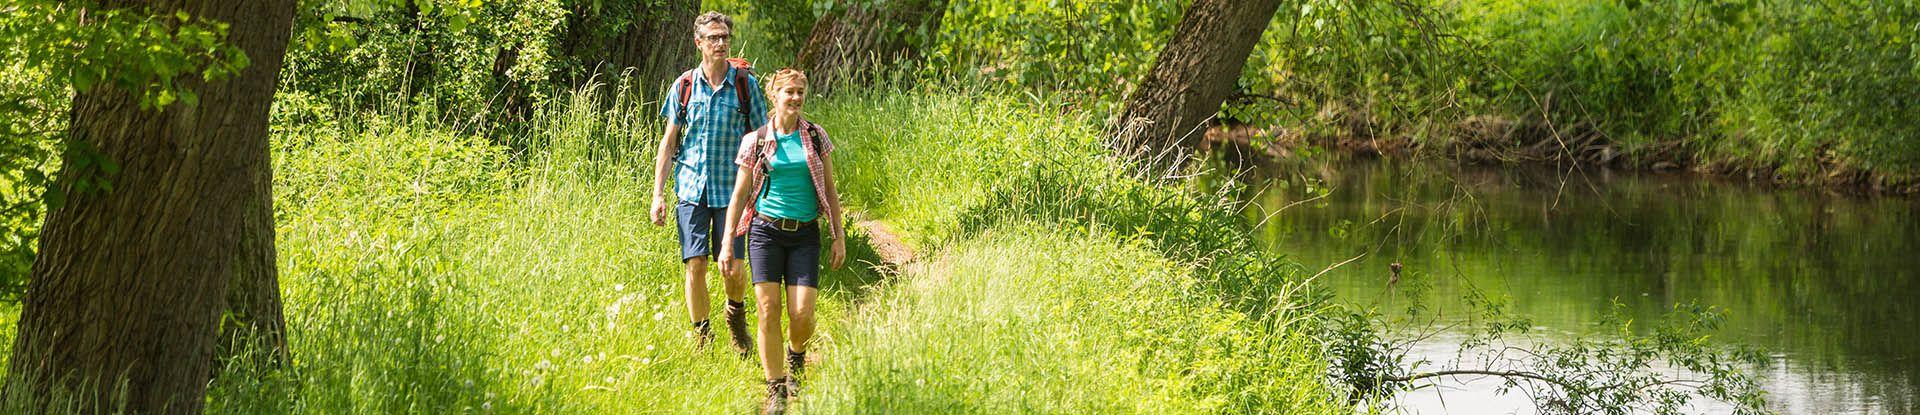 Wanderer auf einem Wanderweg entlang der Ilmenau